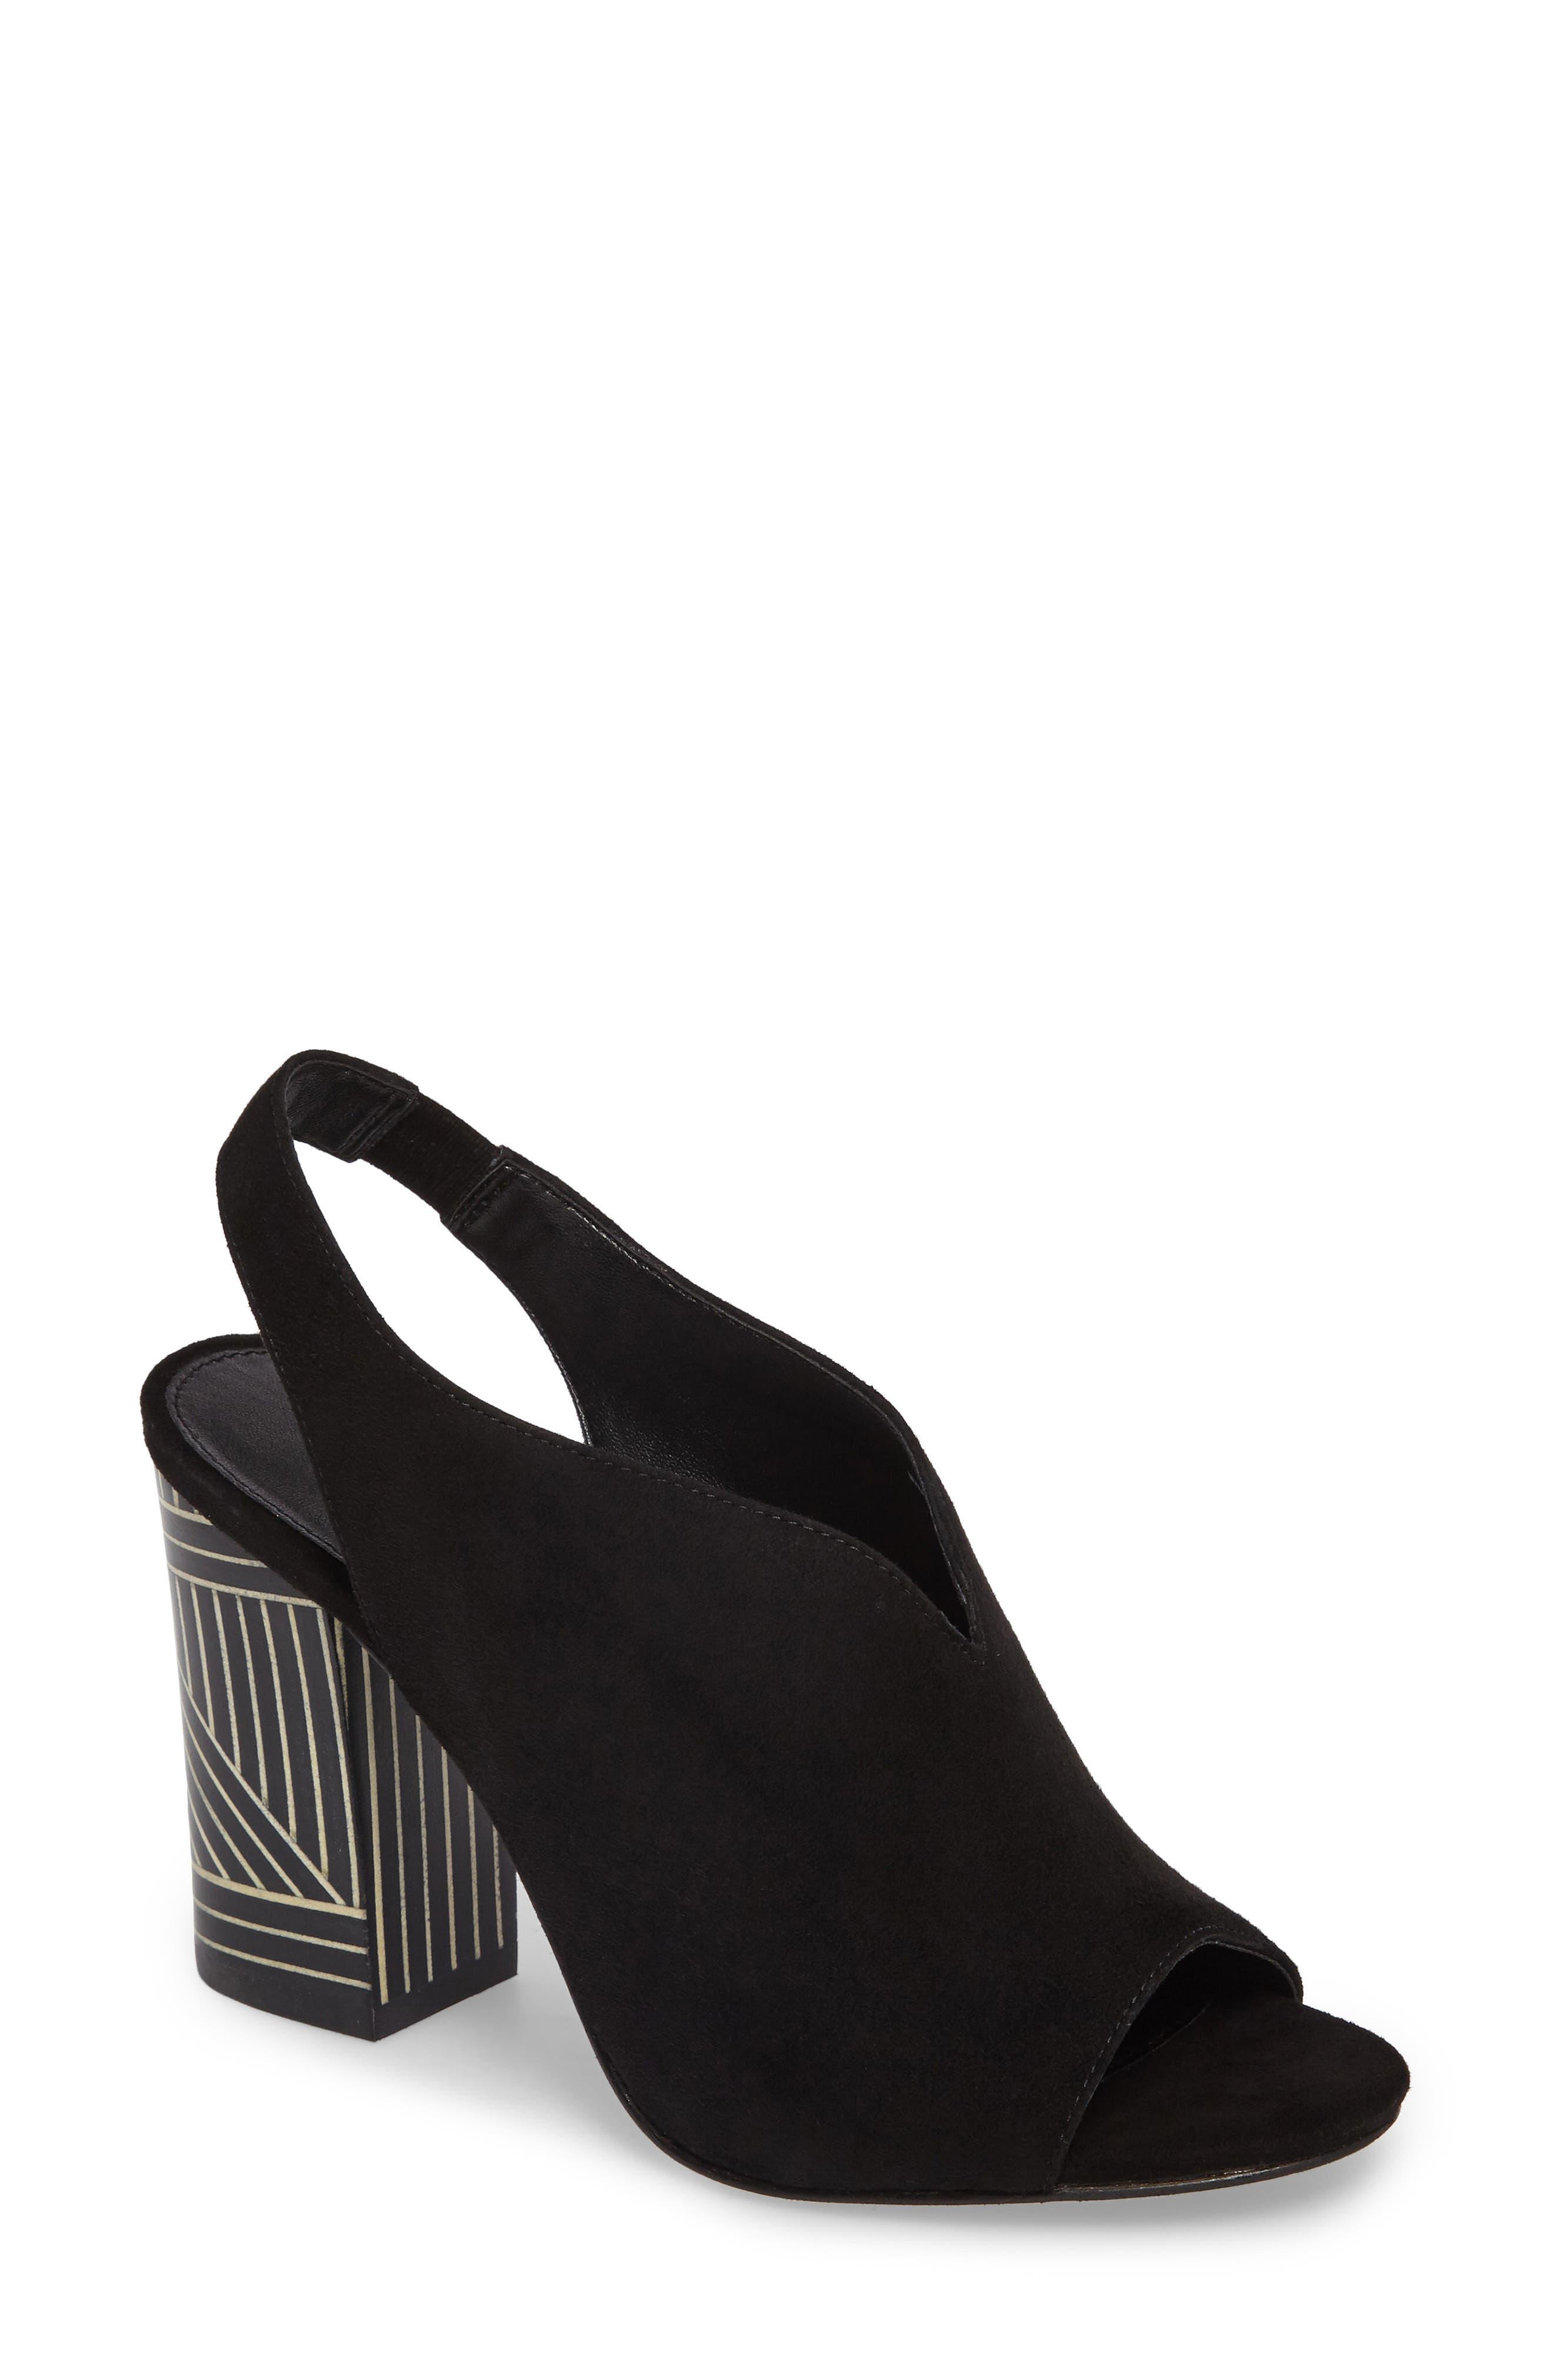 Main Image - Pelle Moda Madra Slingback Sandal (Women)